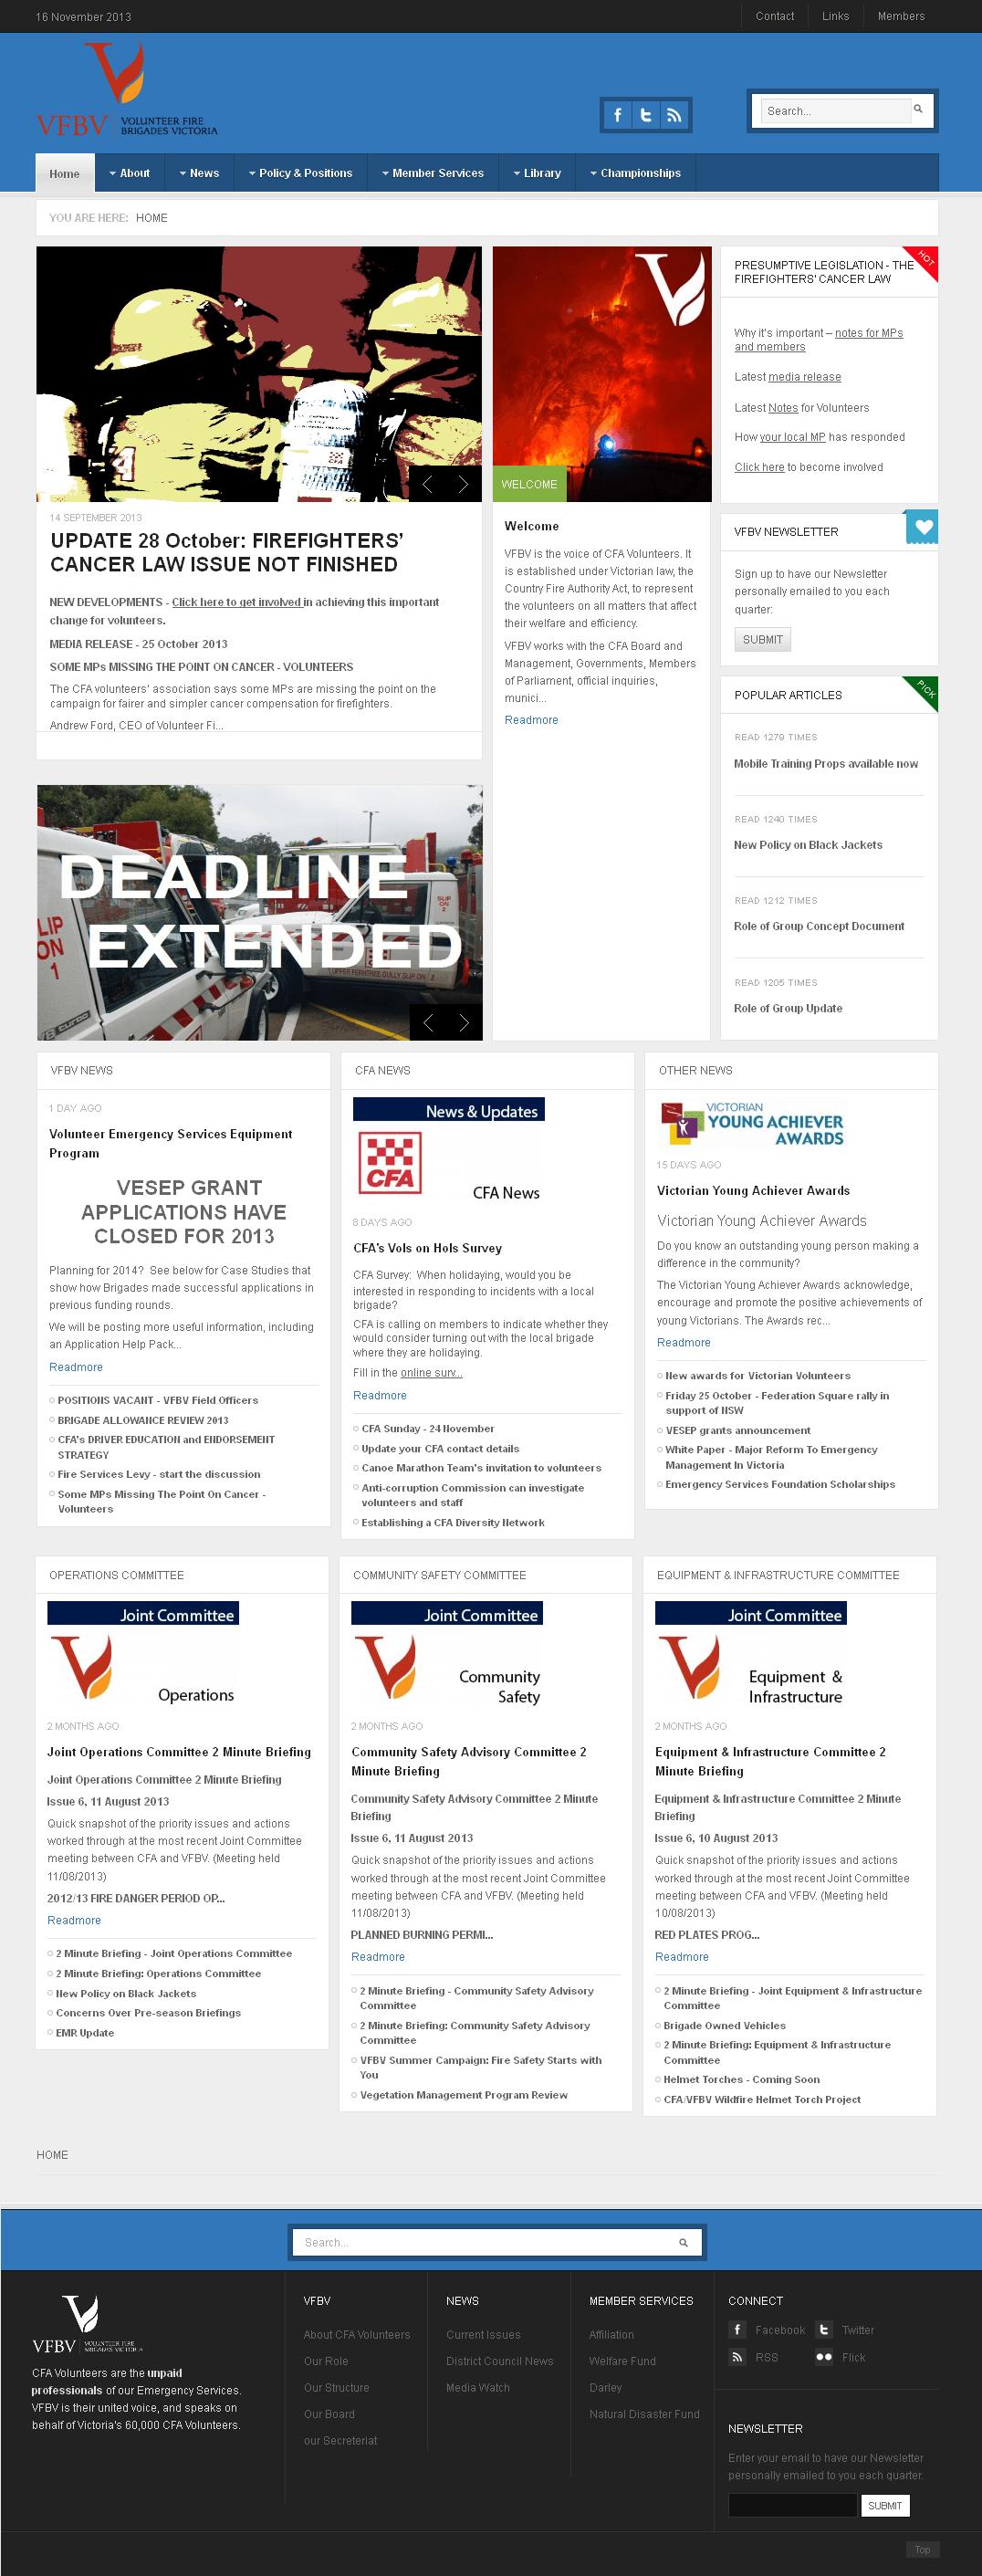 Development of Joomla Powered Website - Volunteer Fire Brigades Victoria